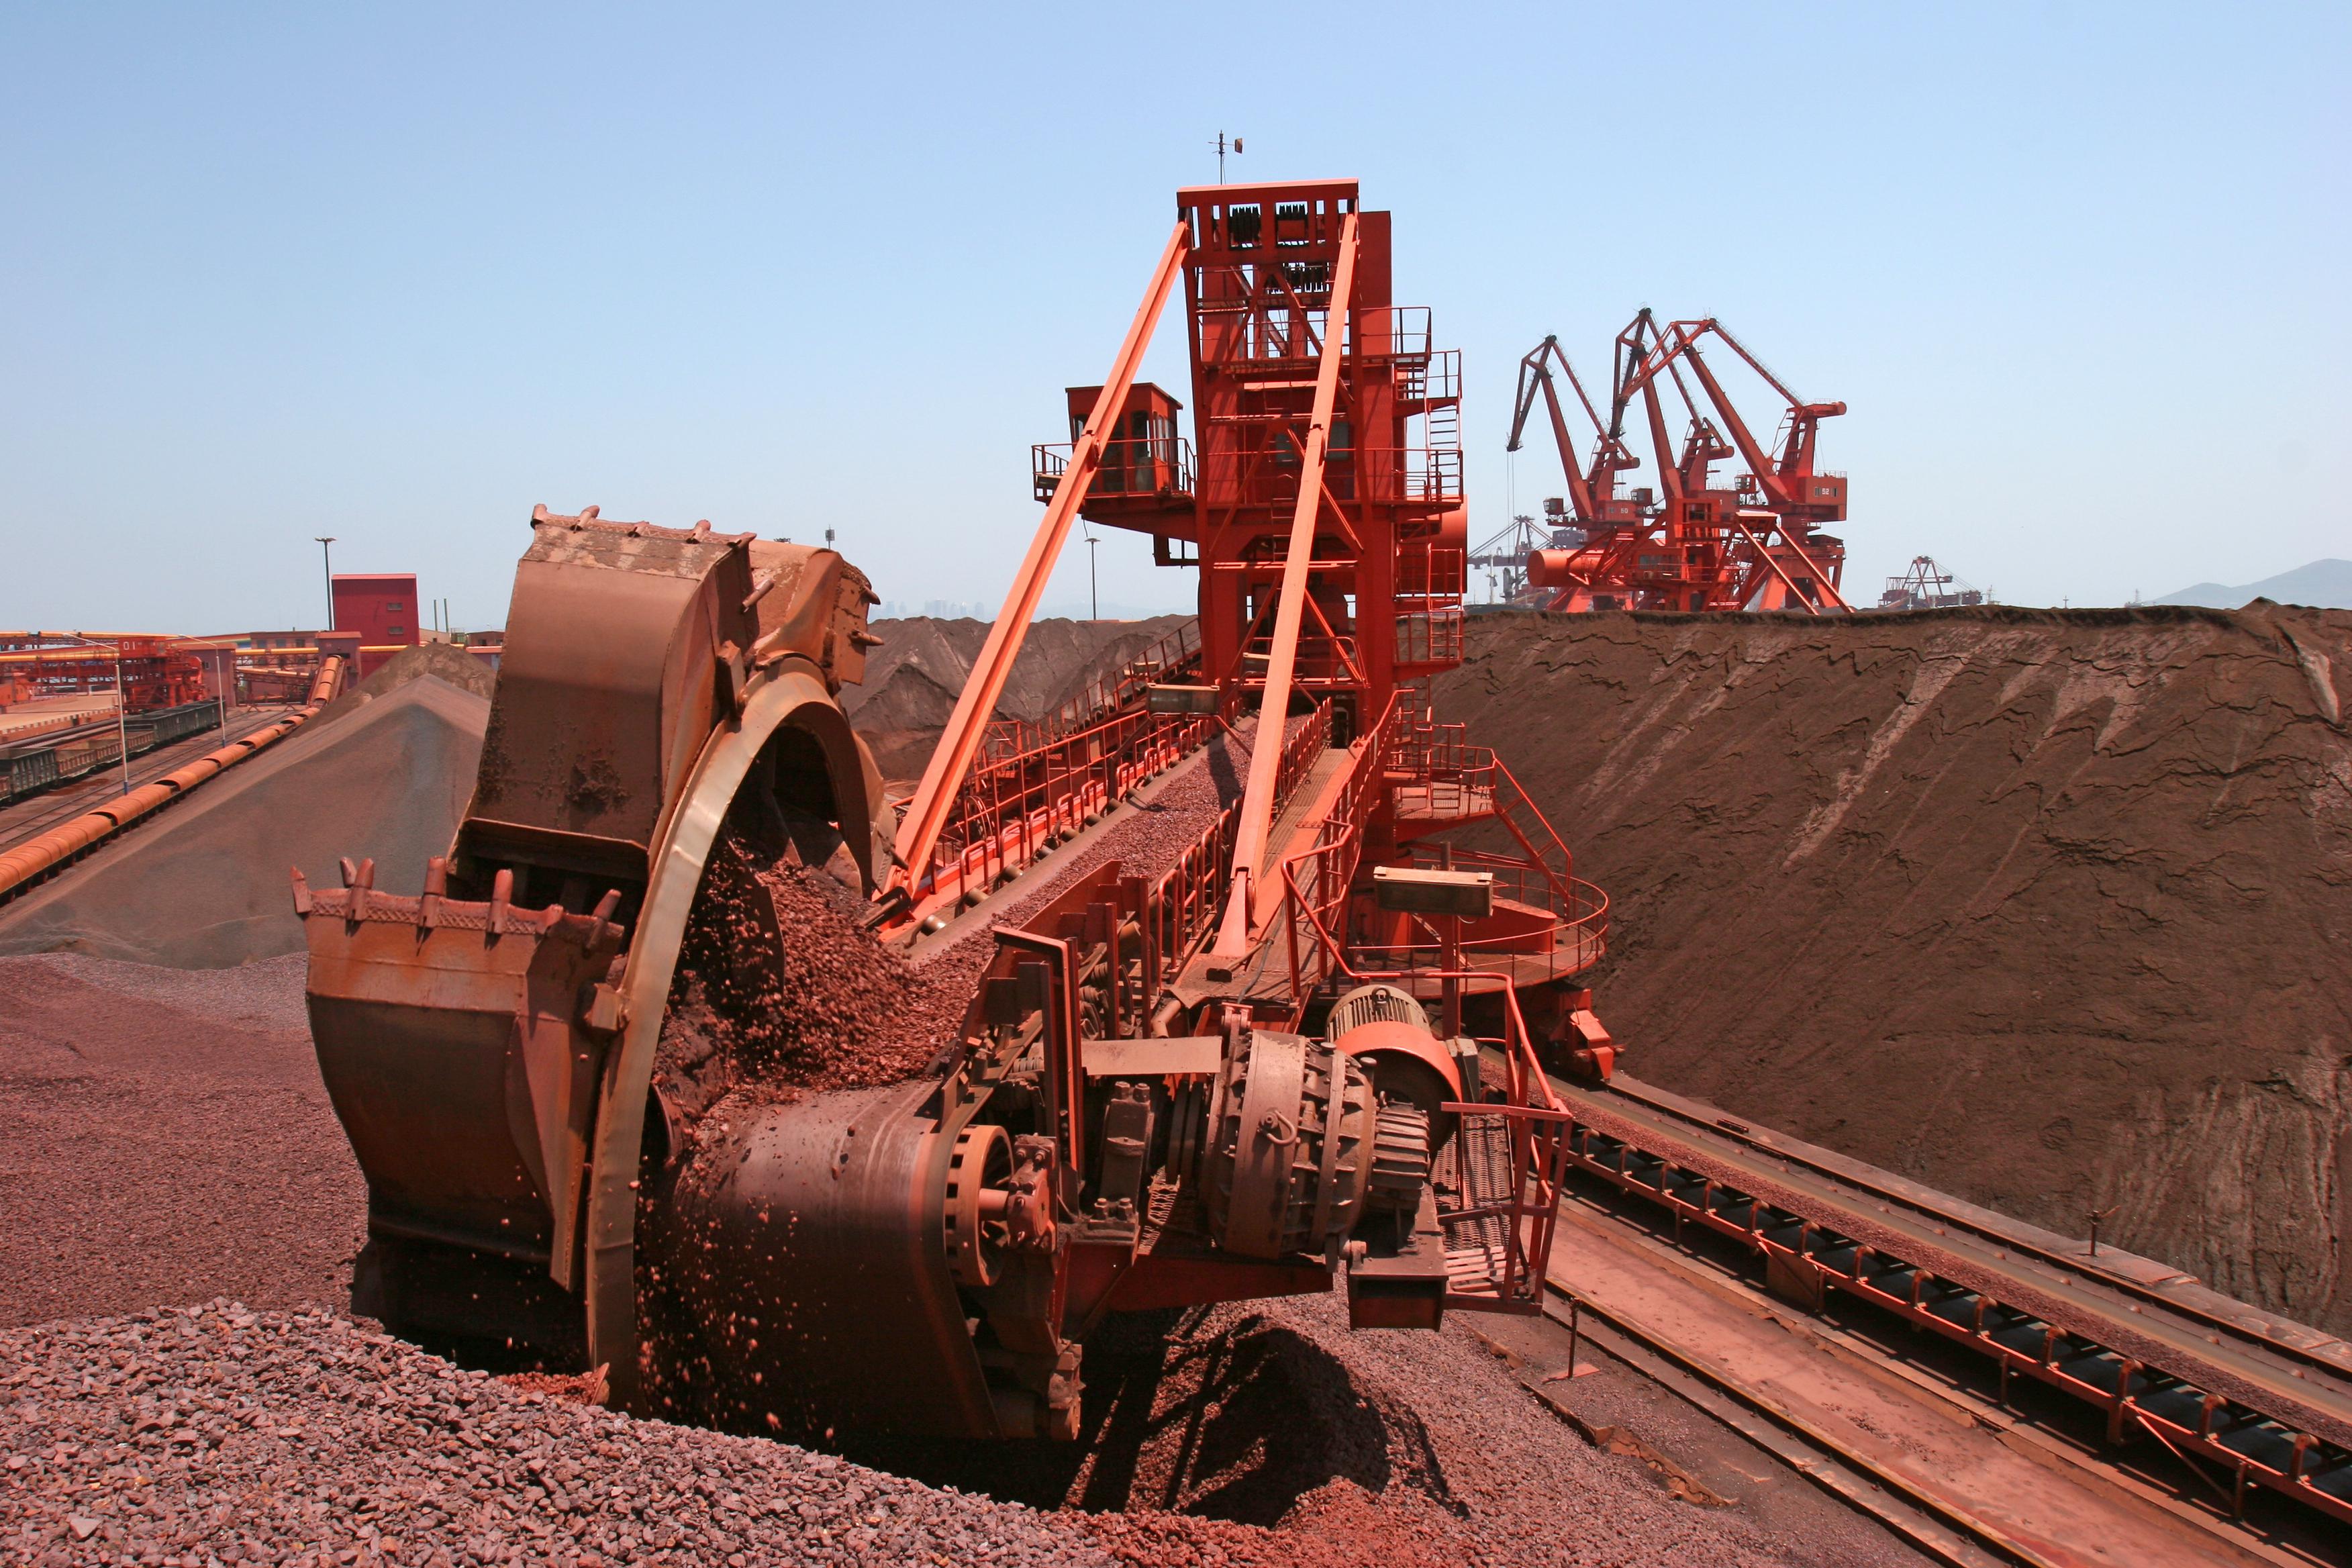 iron ore mining facility.